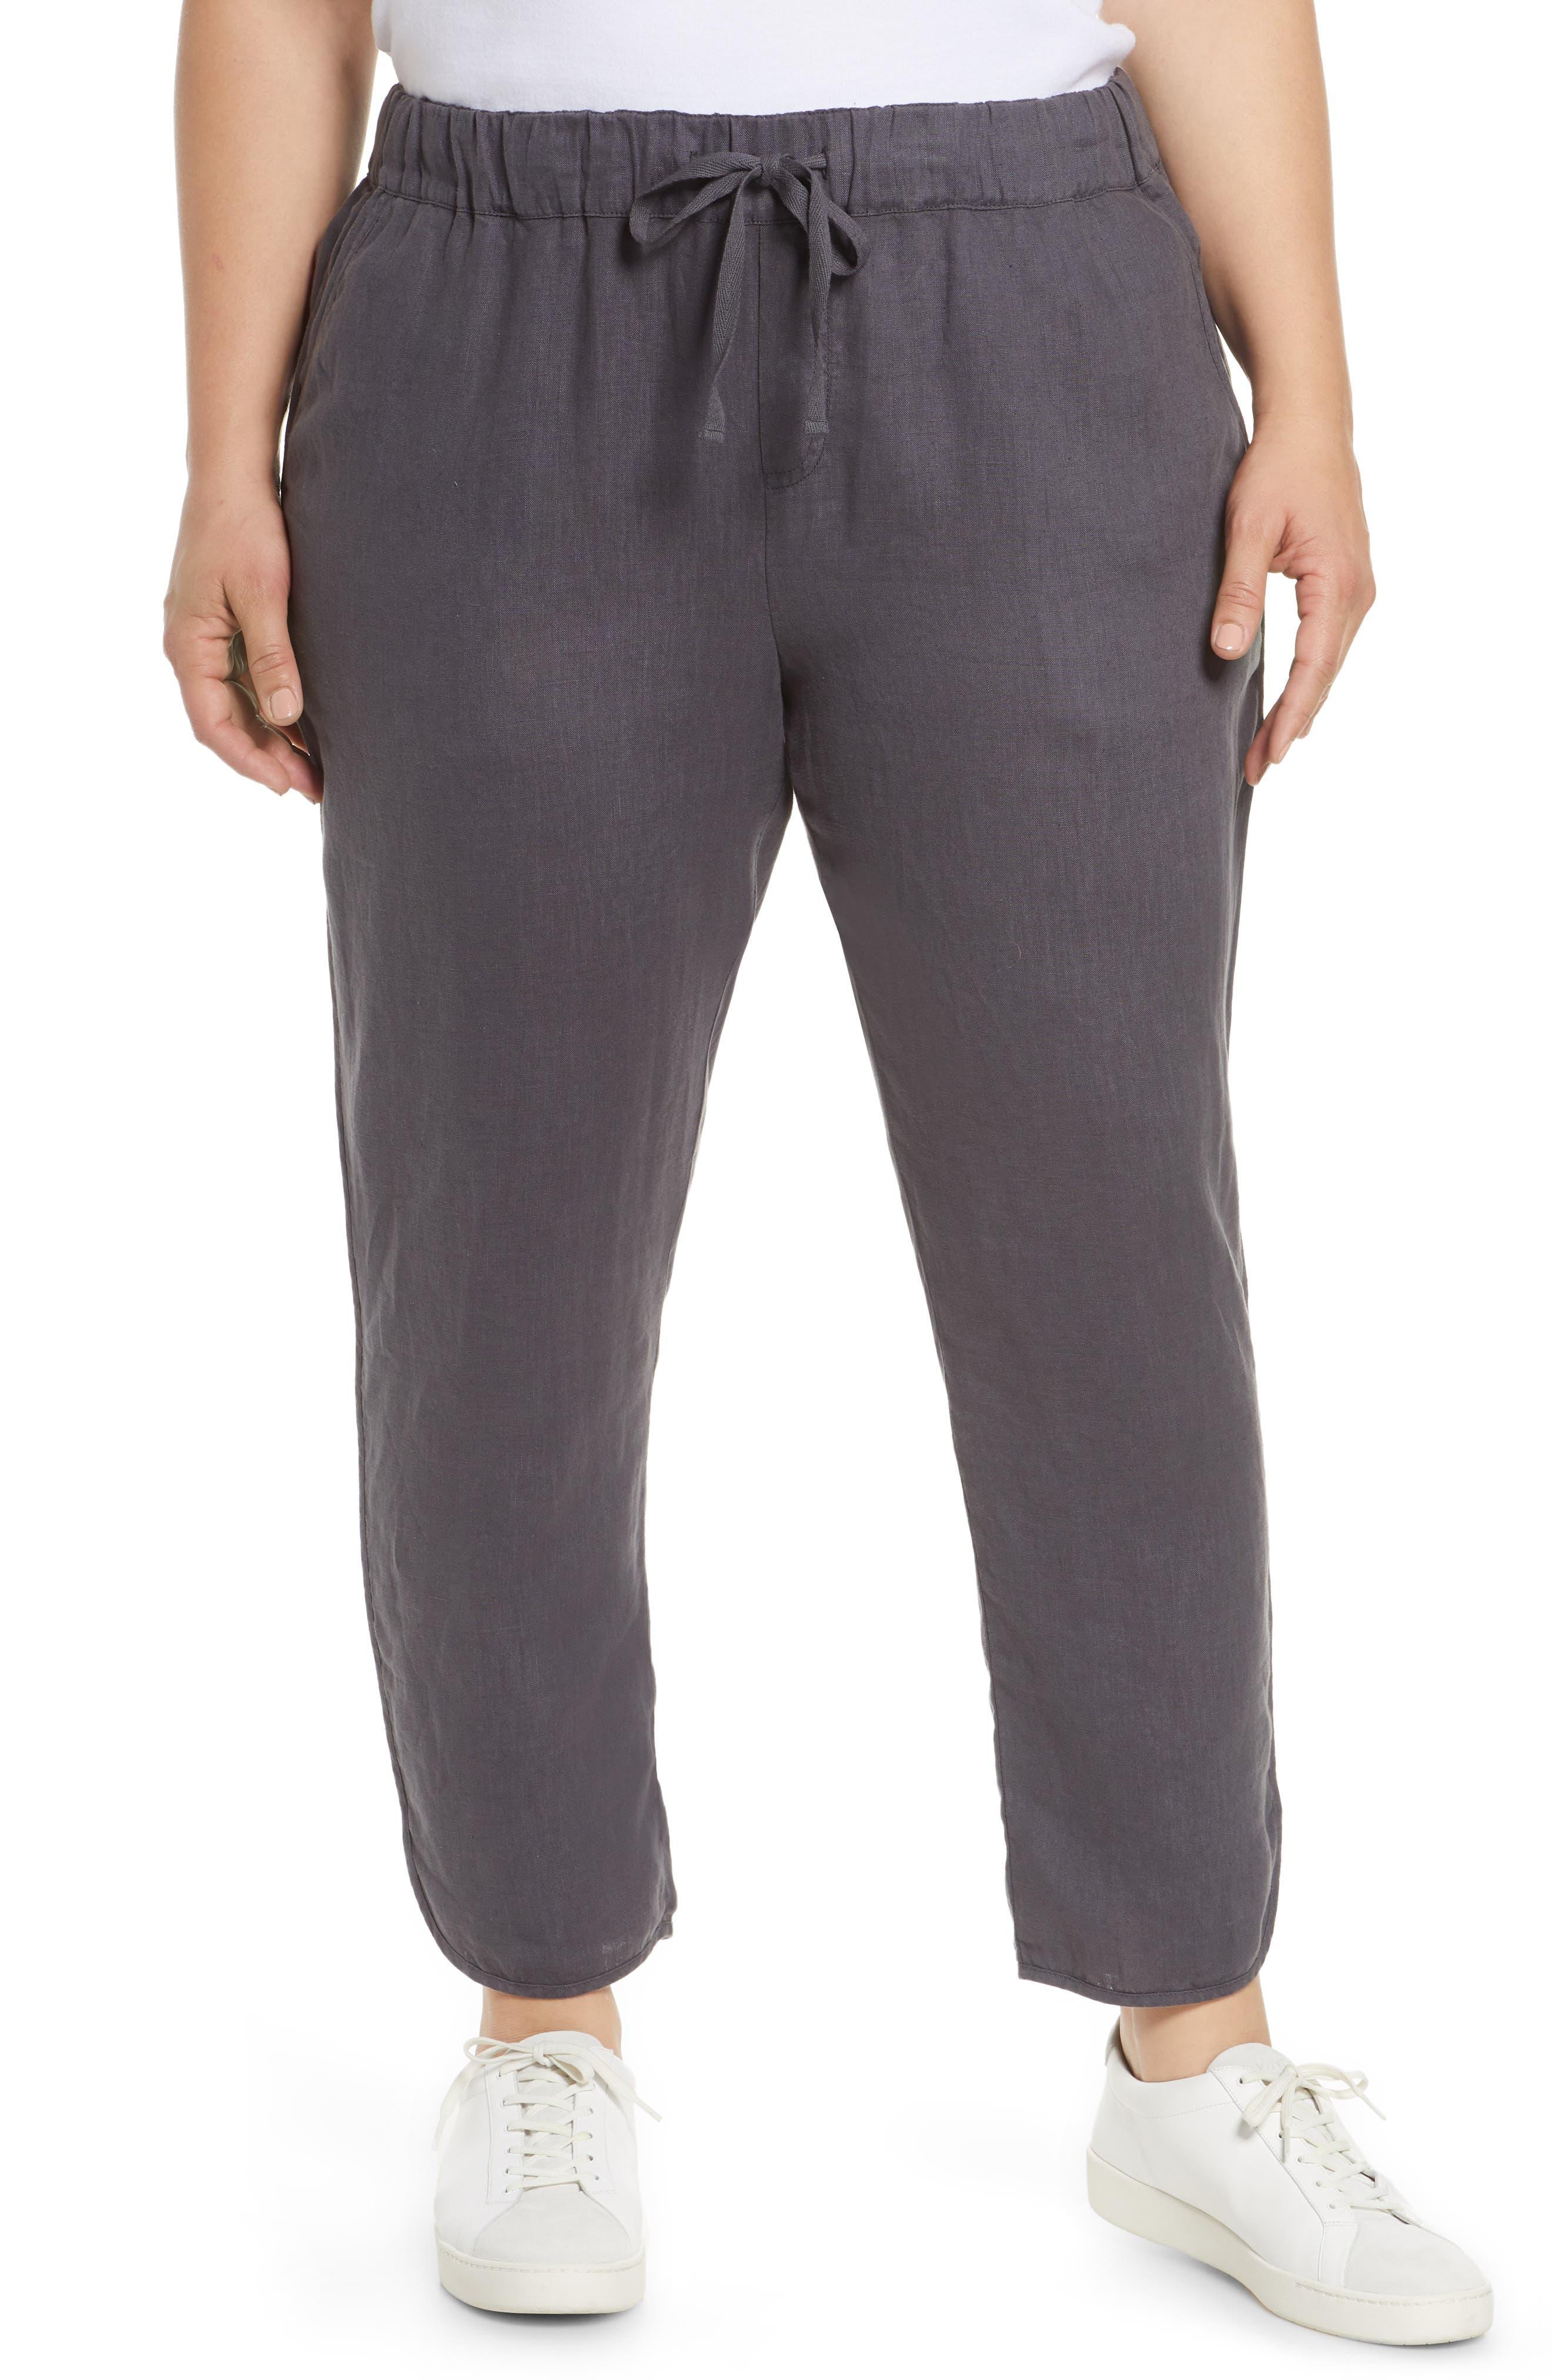 CaslonR Plus  Women's Caslon Track Style Linen Pants,  3X - Grey